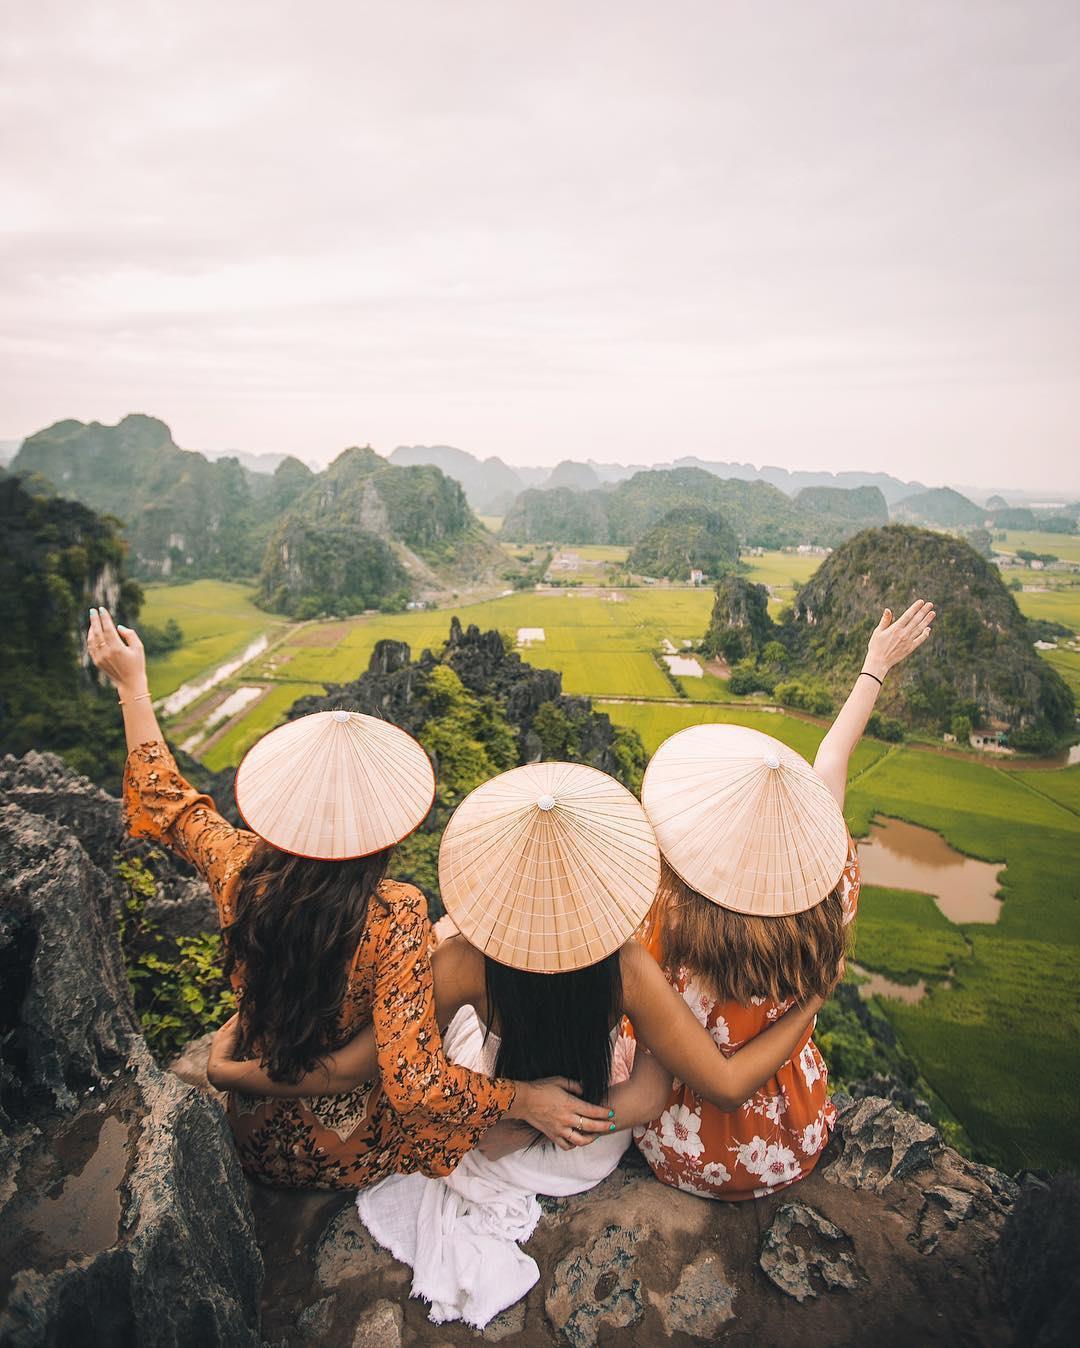 Dọc miền đất nước khám phá cảnh đẹp Ninh Bình, Huế, Đà Lạt Ảnh 5